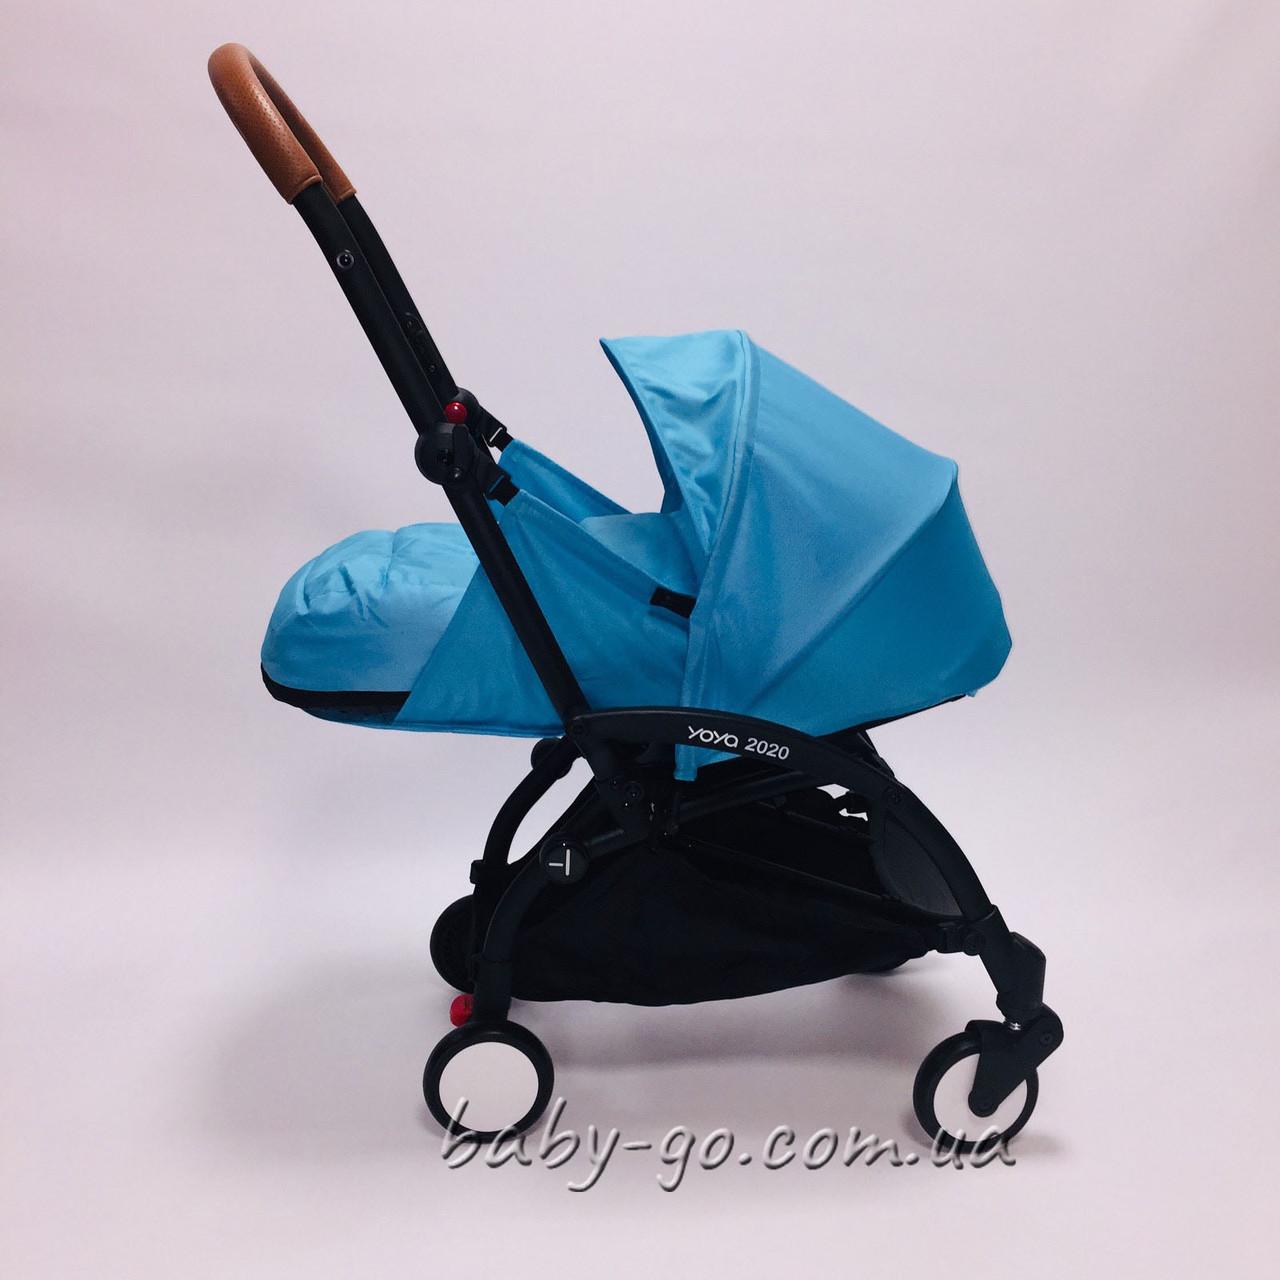 Коляска YOYA 2020 175 + блок для новорожденных Голубая